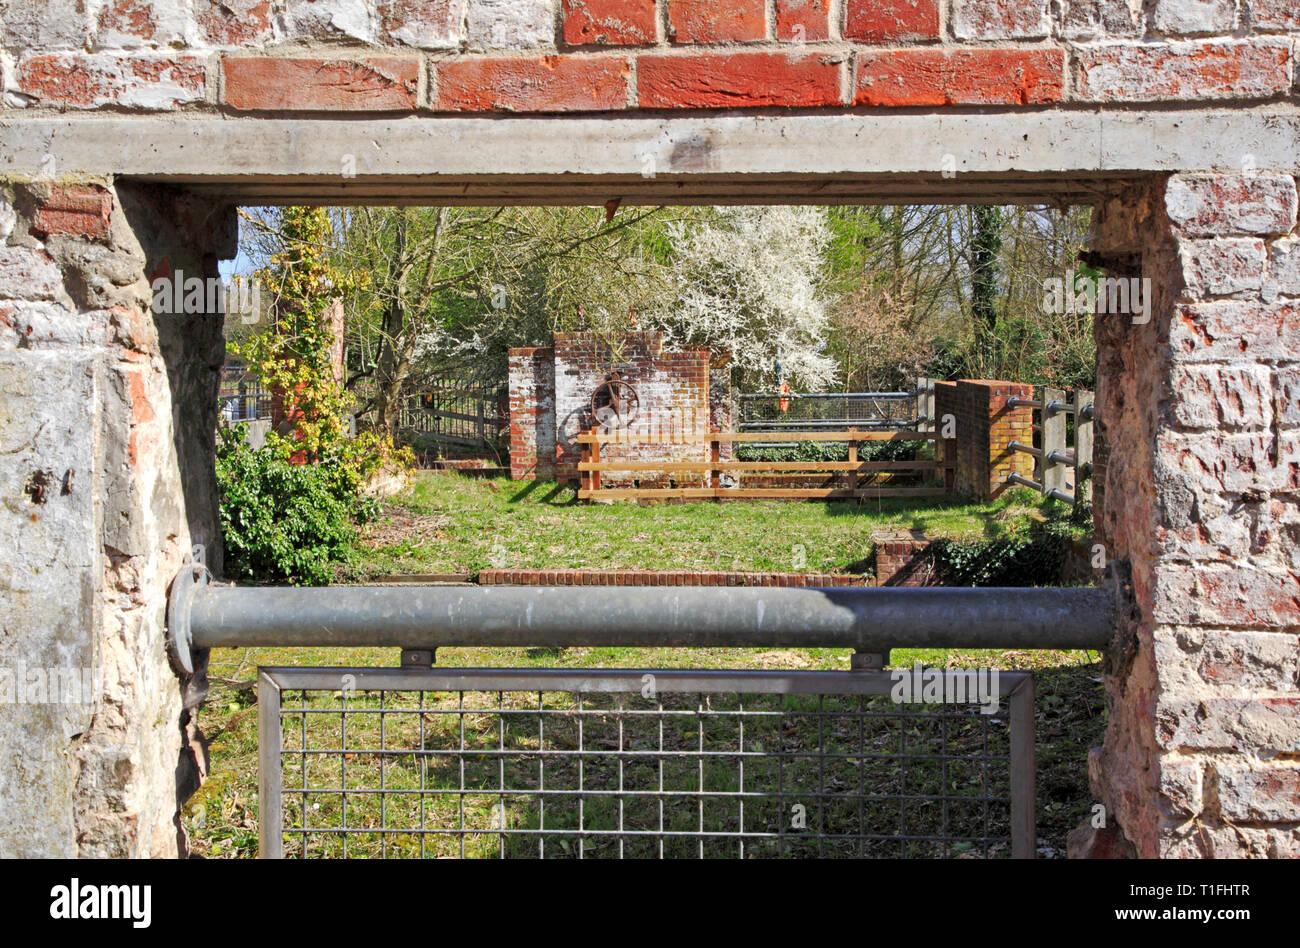 Une vue le long de la partie inférieure de l'ancien moulin à demeure sur la rivière Bure à Horstead, Norfolk, Angleterre, Royaume-Uni, Europe. Photo Stock